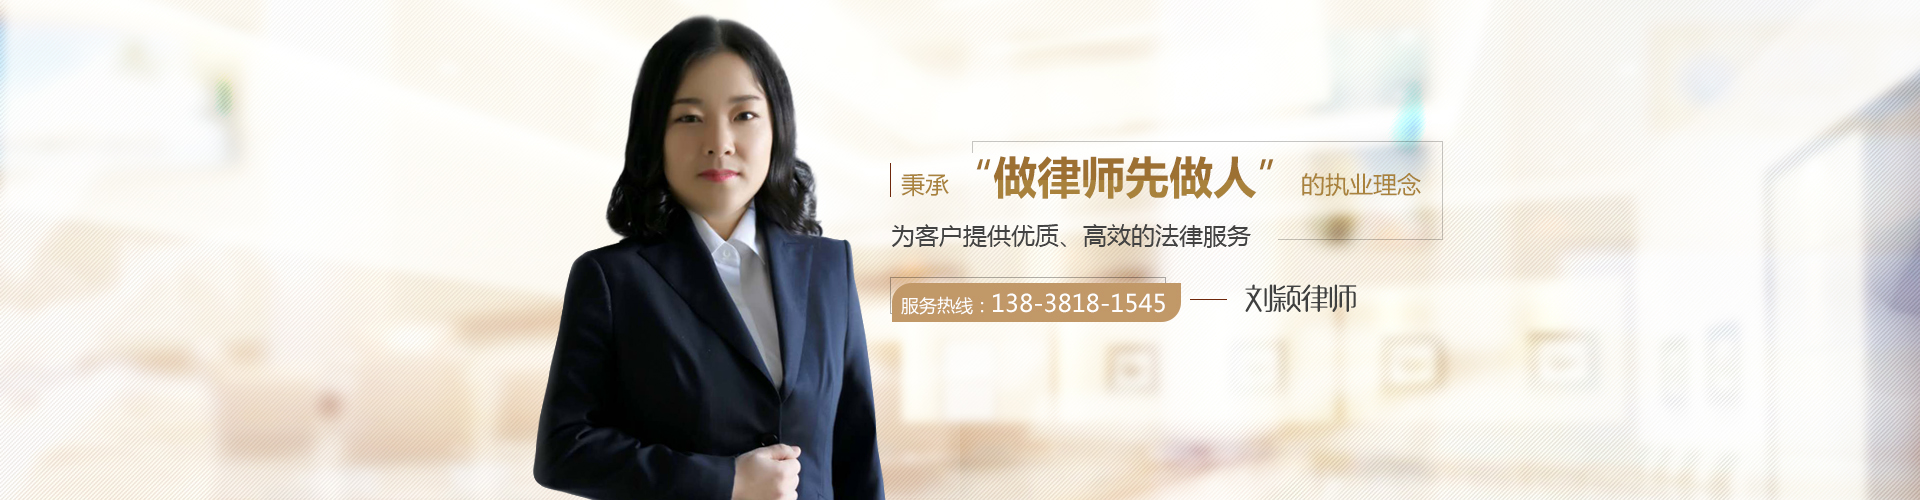 中牟专业律师